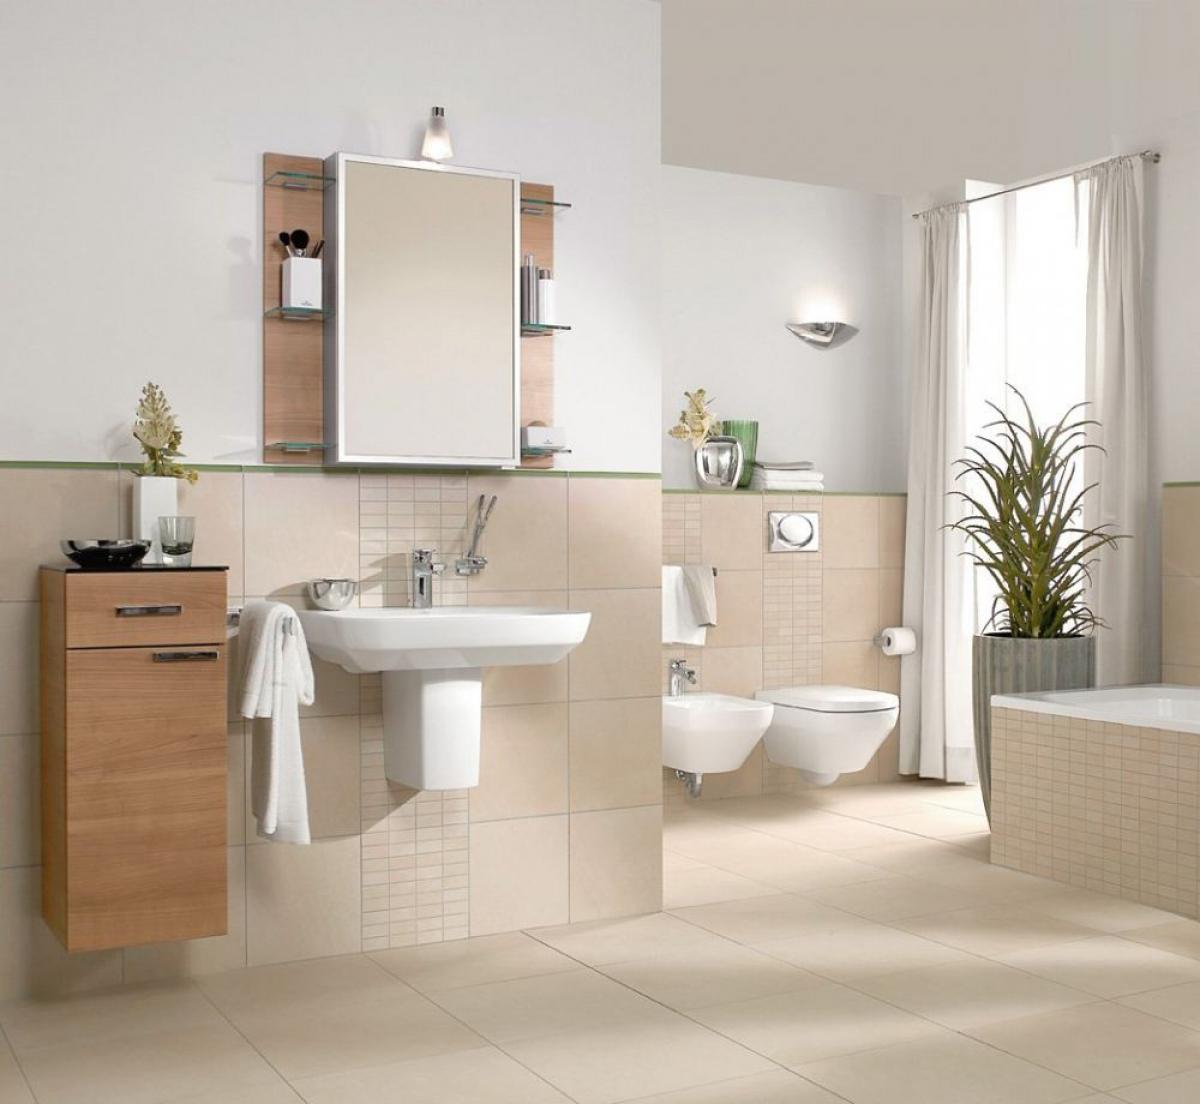 lavabo sentique villeroy boch induscabel salle de bains chauffage et cuisine. Black Bedroom Furniture Sets. Home Design Ideas